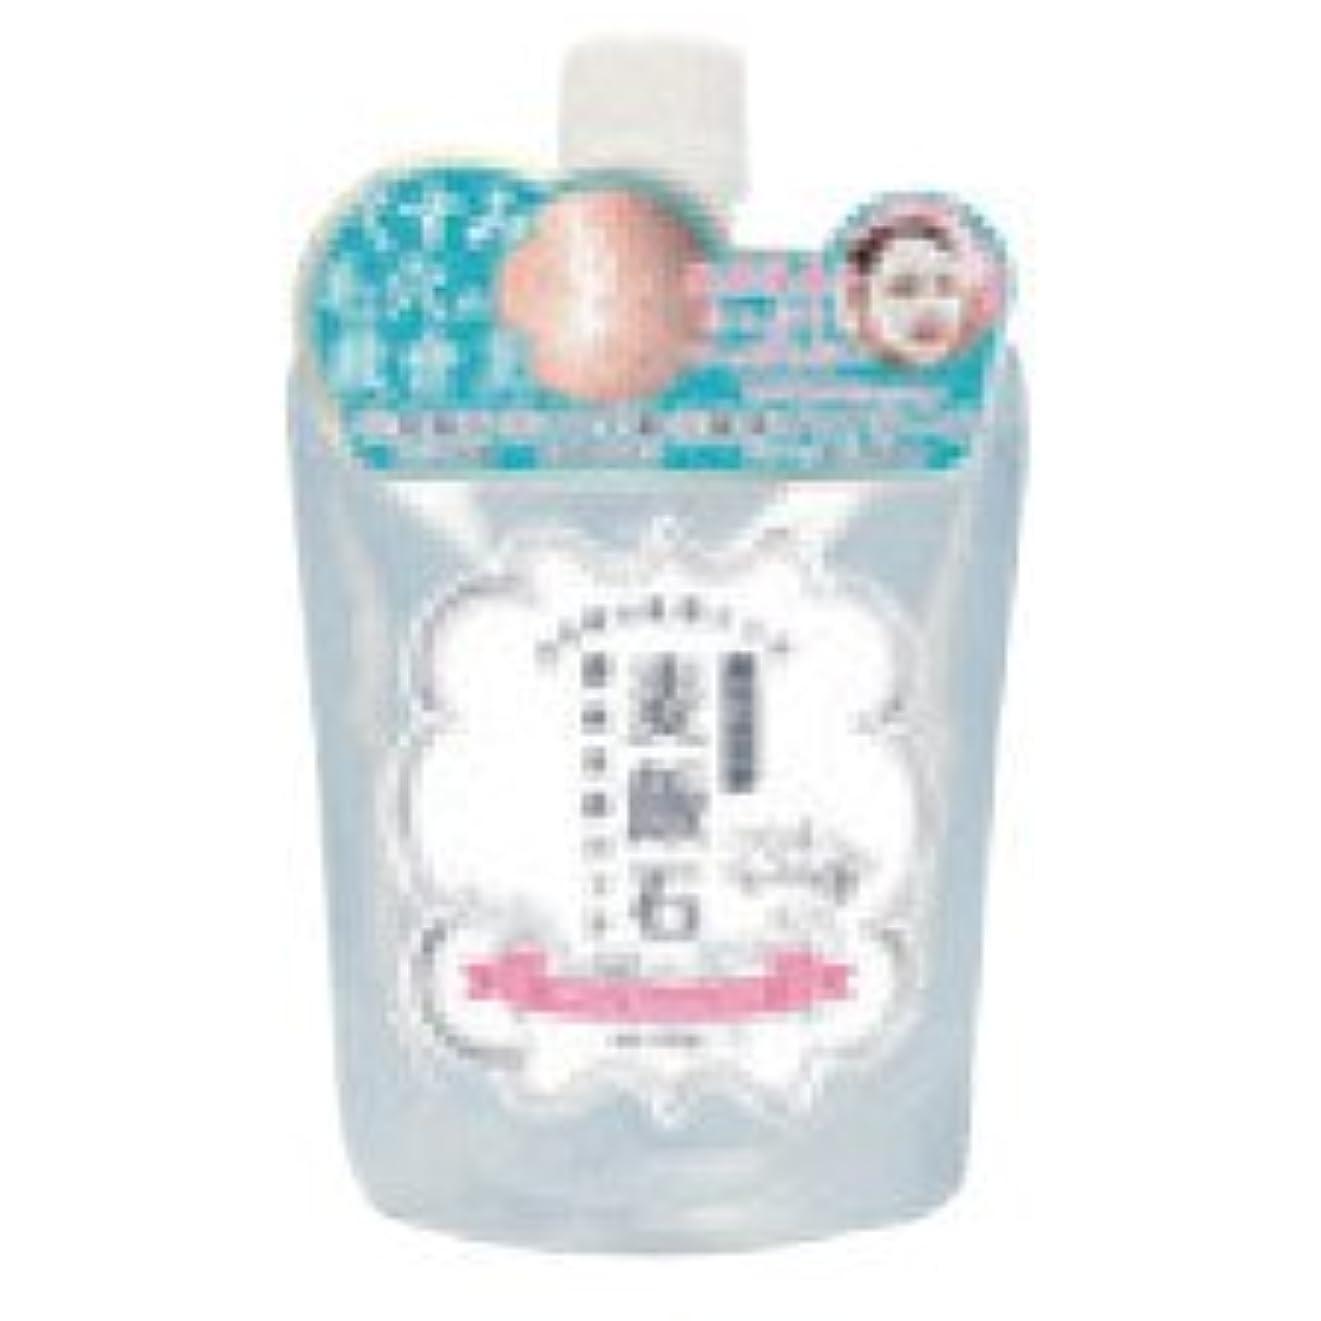 襟川ペックホワイトムースパック 美濃白川麦飯石酵素洗顔パック 100g 3個セット